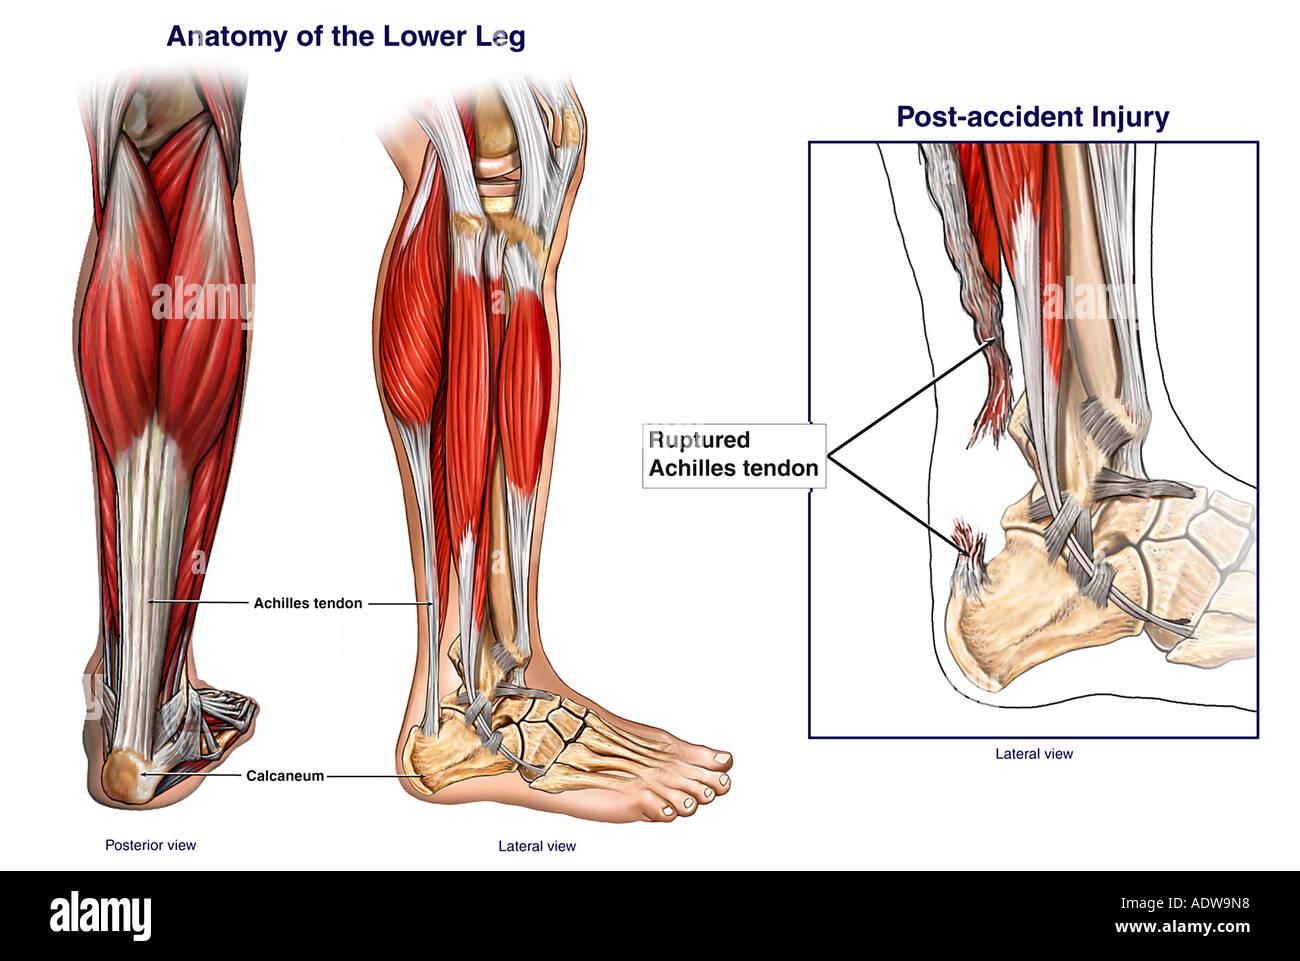 Normale Anatomie des Unterschenkels Stockfoto, Bild: 7712791 - Alamy